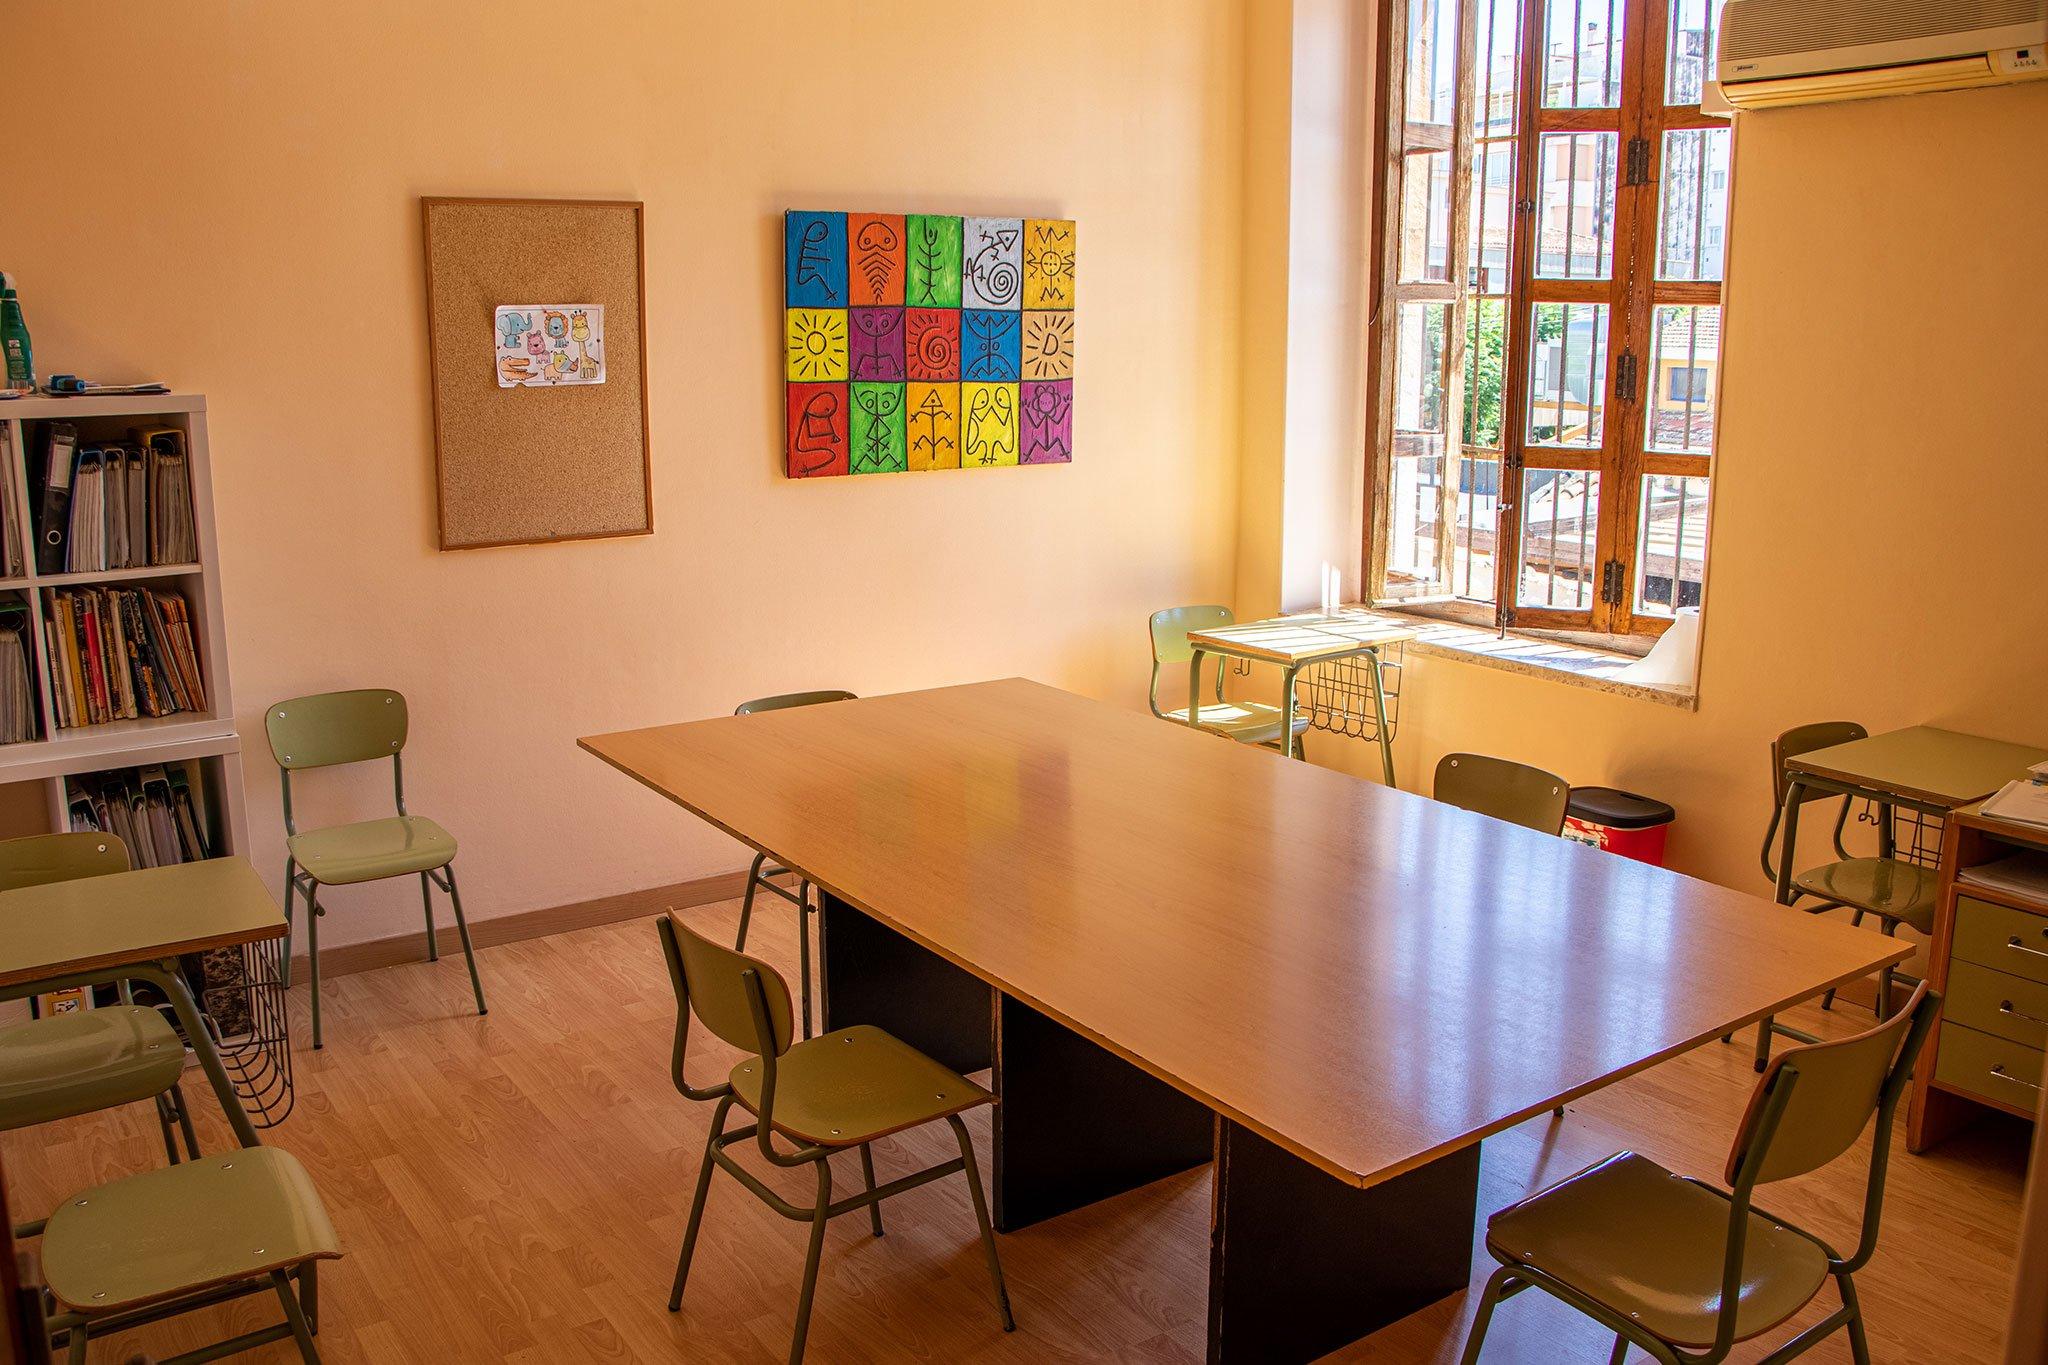 Interior de un aula – Centro de Estudios EDES